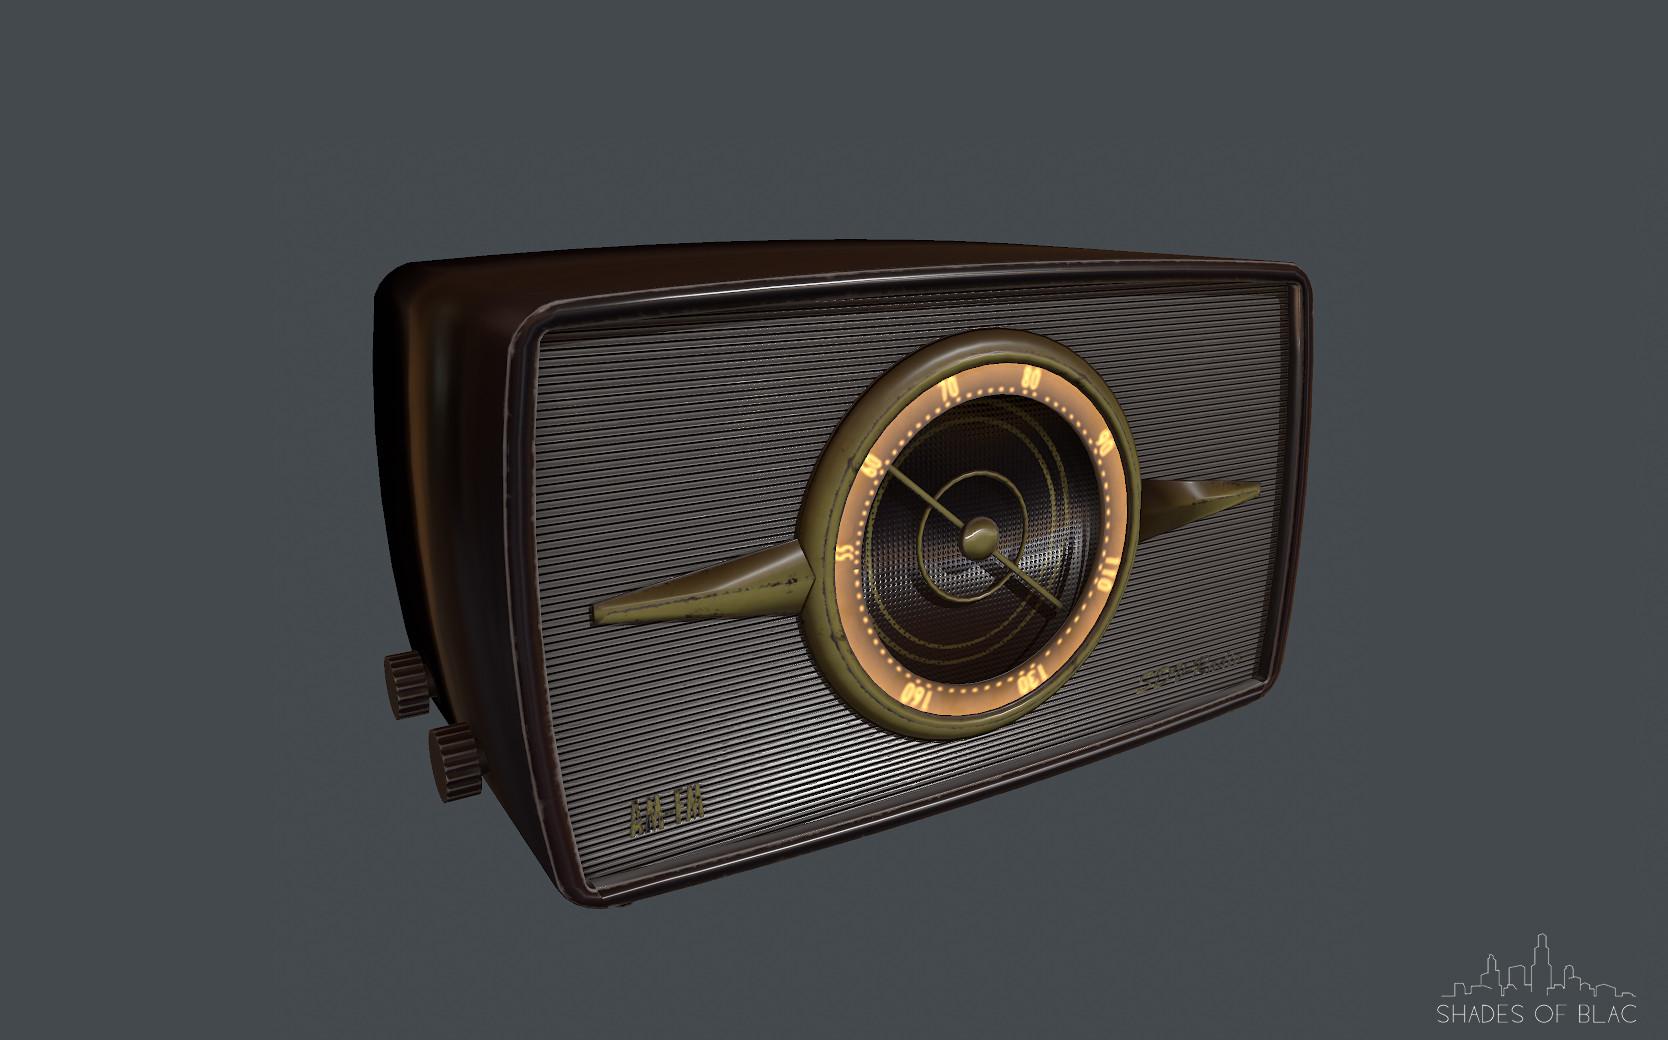 Sergey tabakov radio